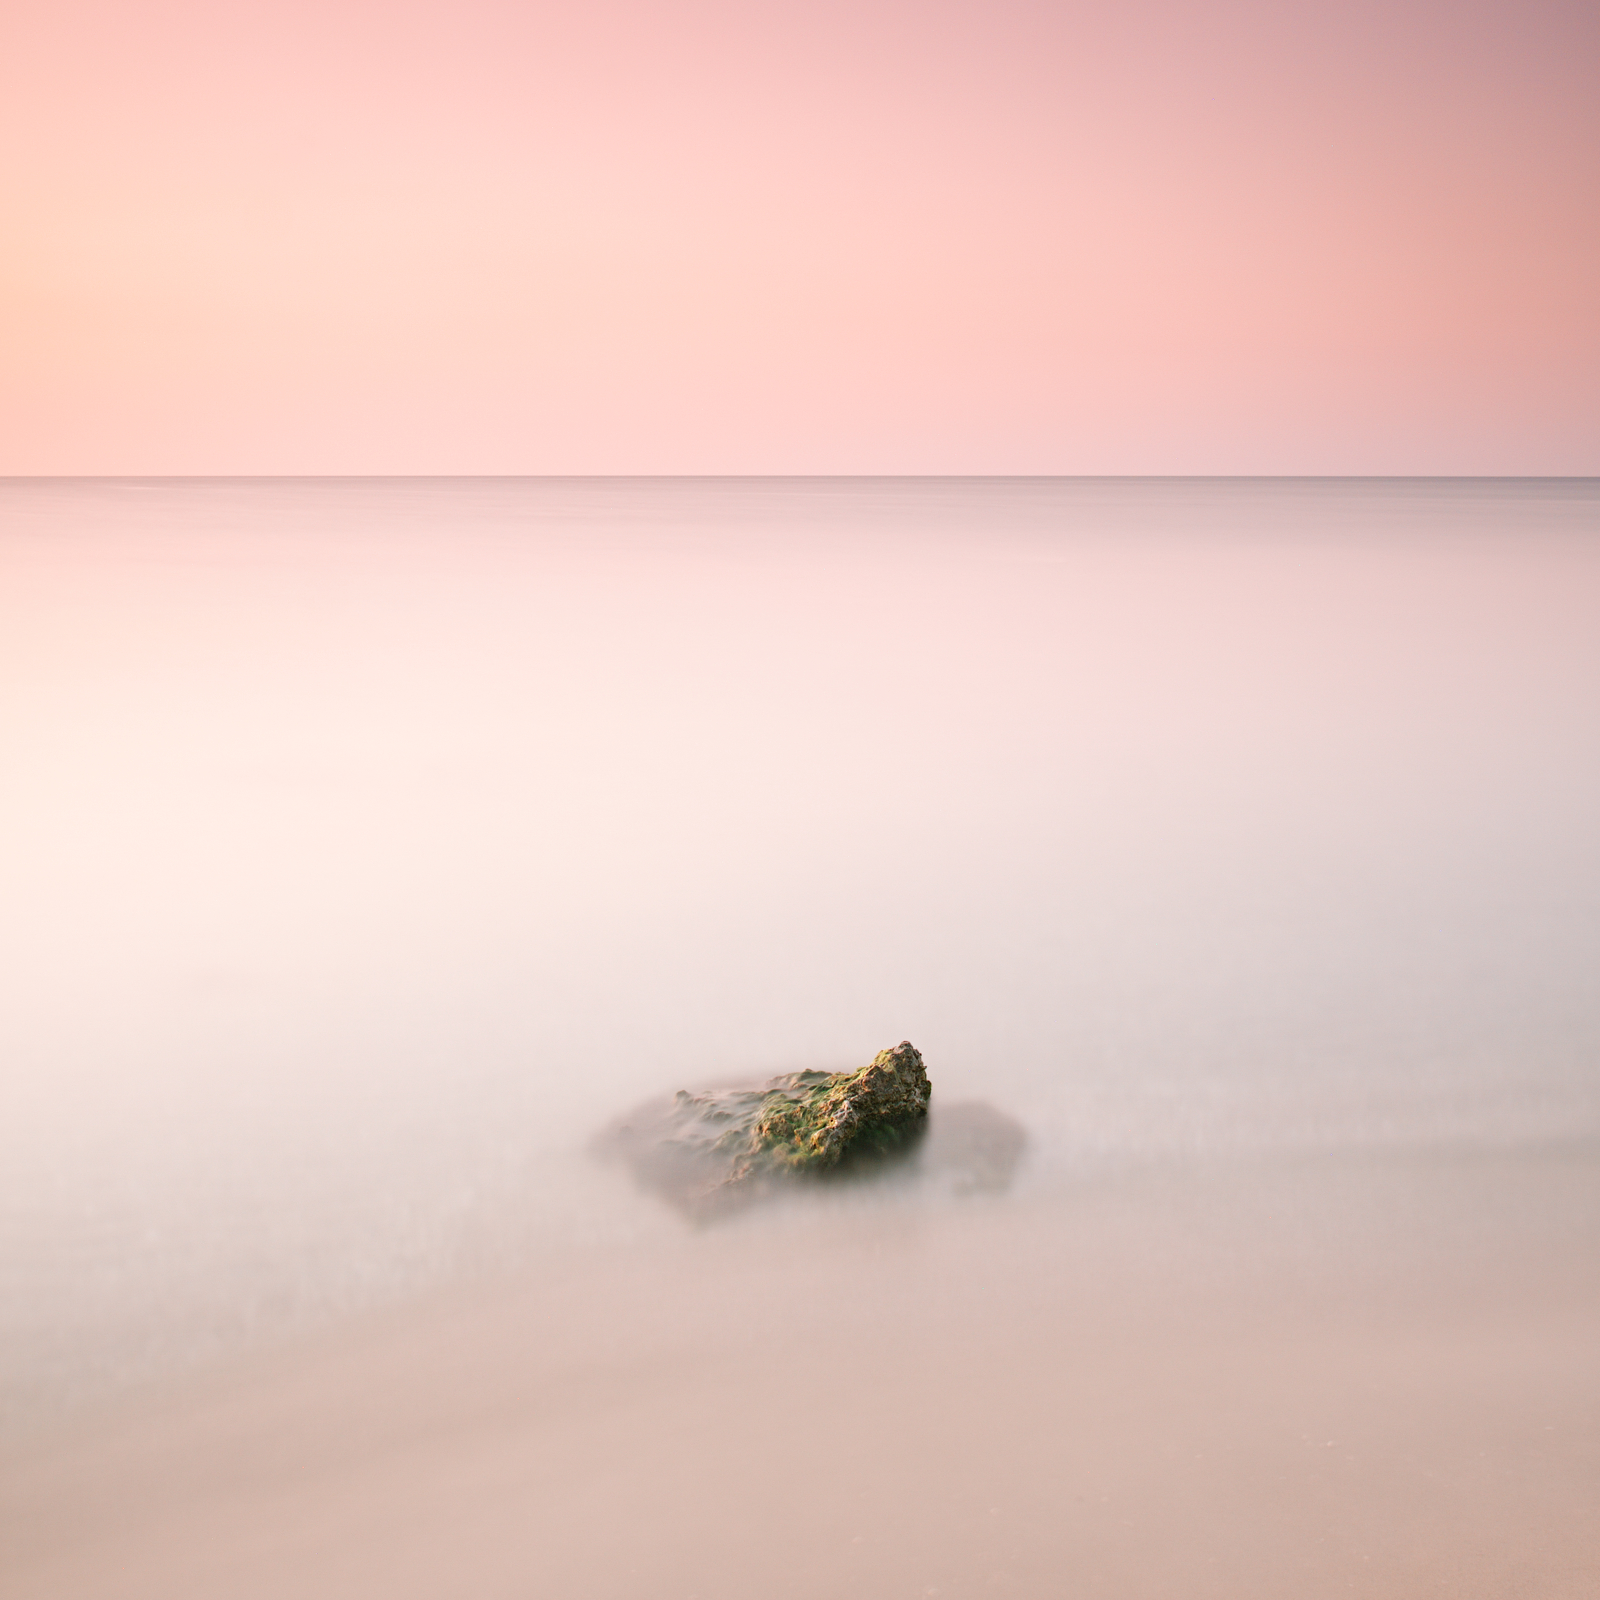 Sea stones #9